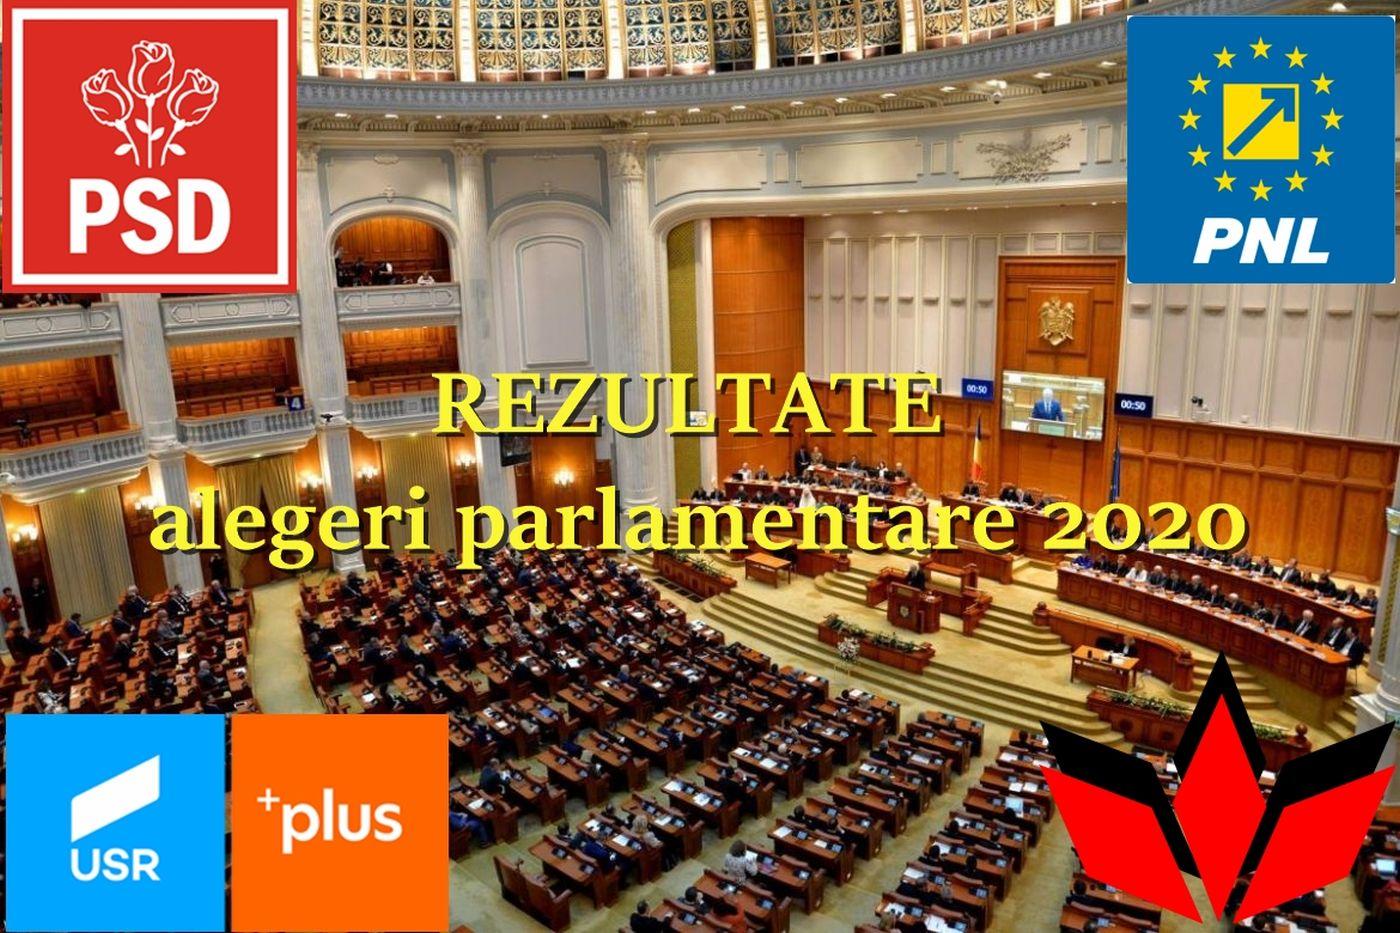 Rezultate alegeri parlamentare 2020